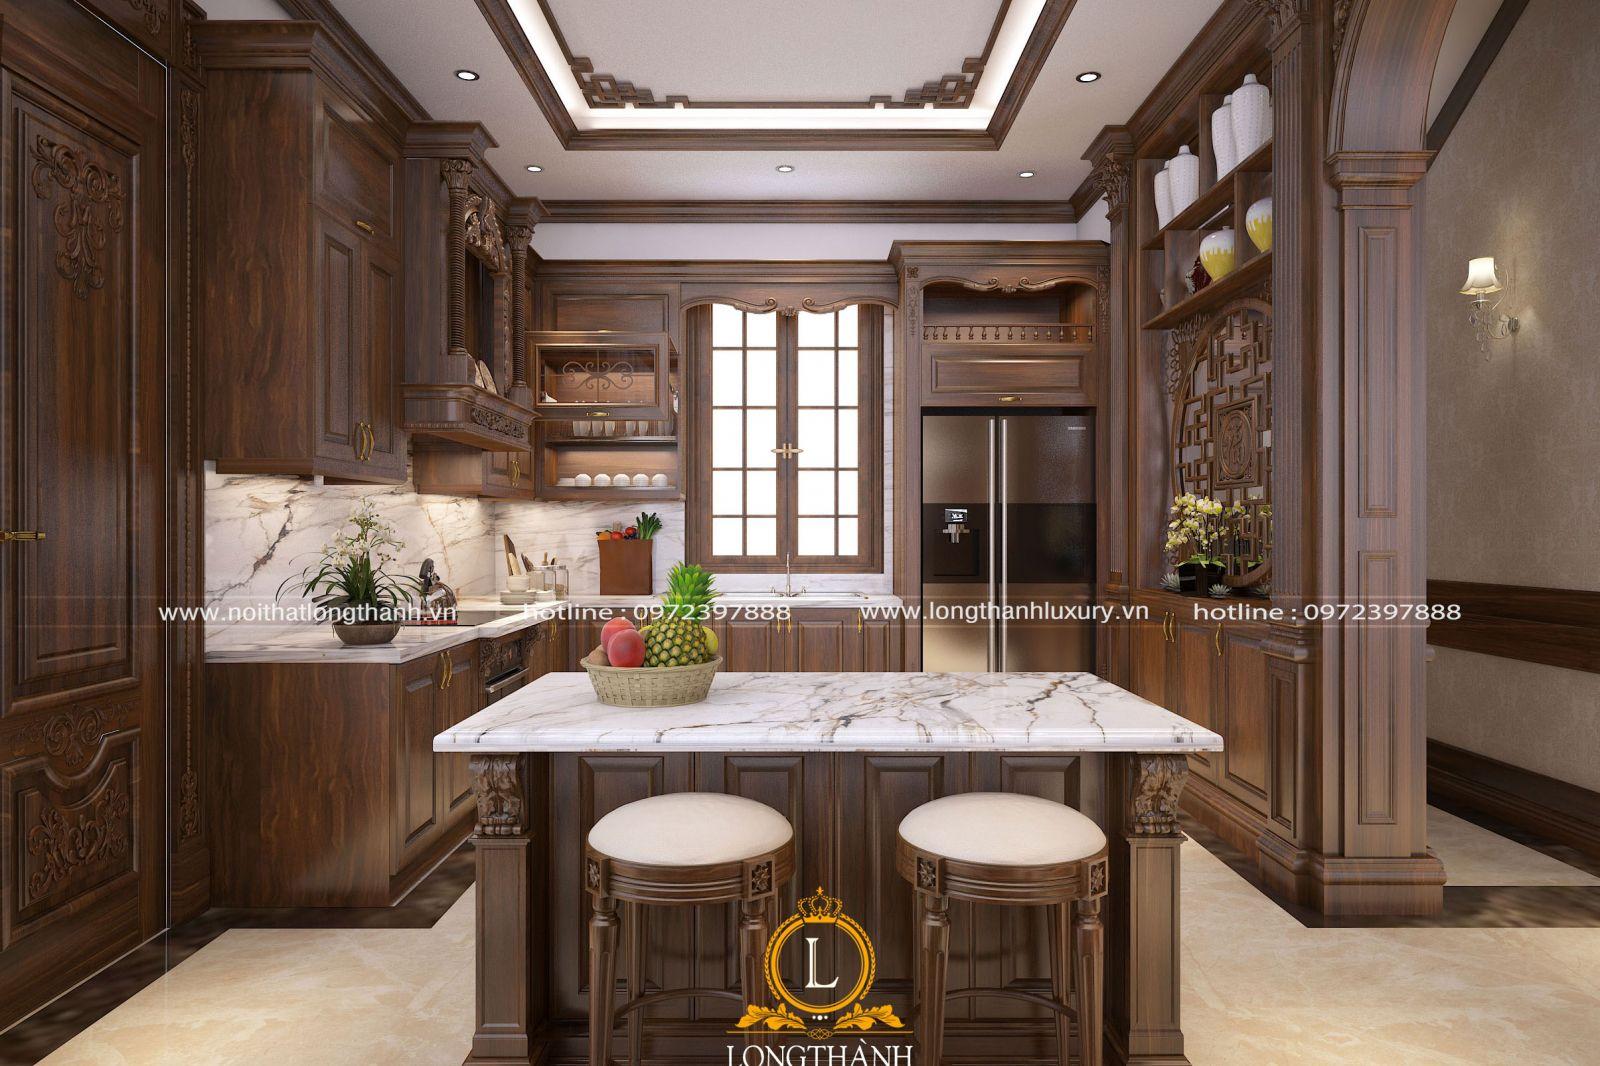 Tủ bếp tân cổ điển đẹp được thiết kế và bố trí công năng khoa học